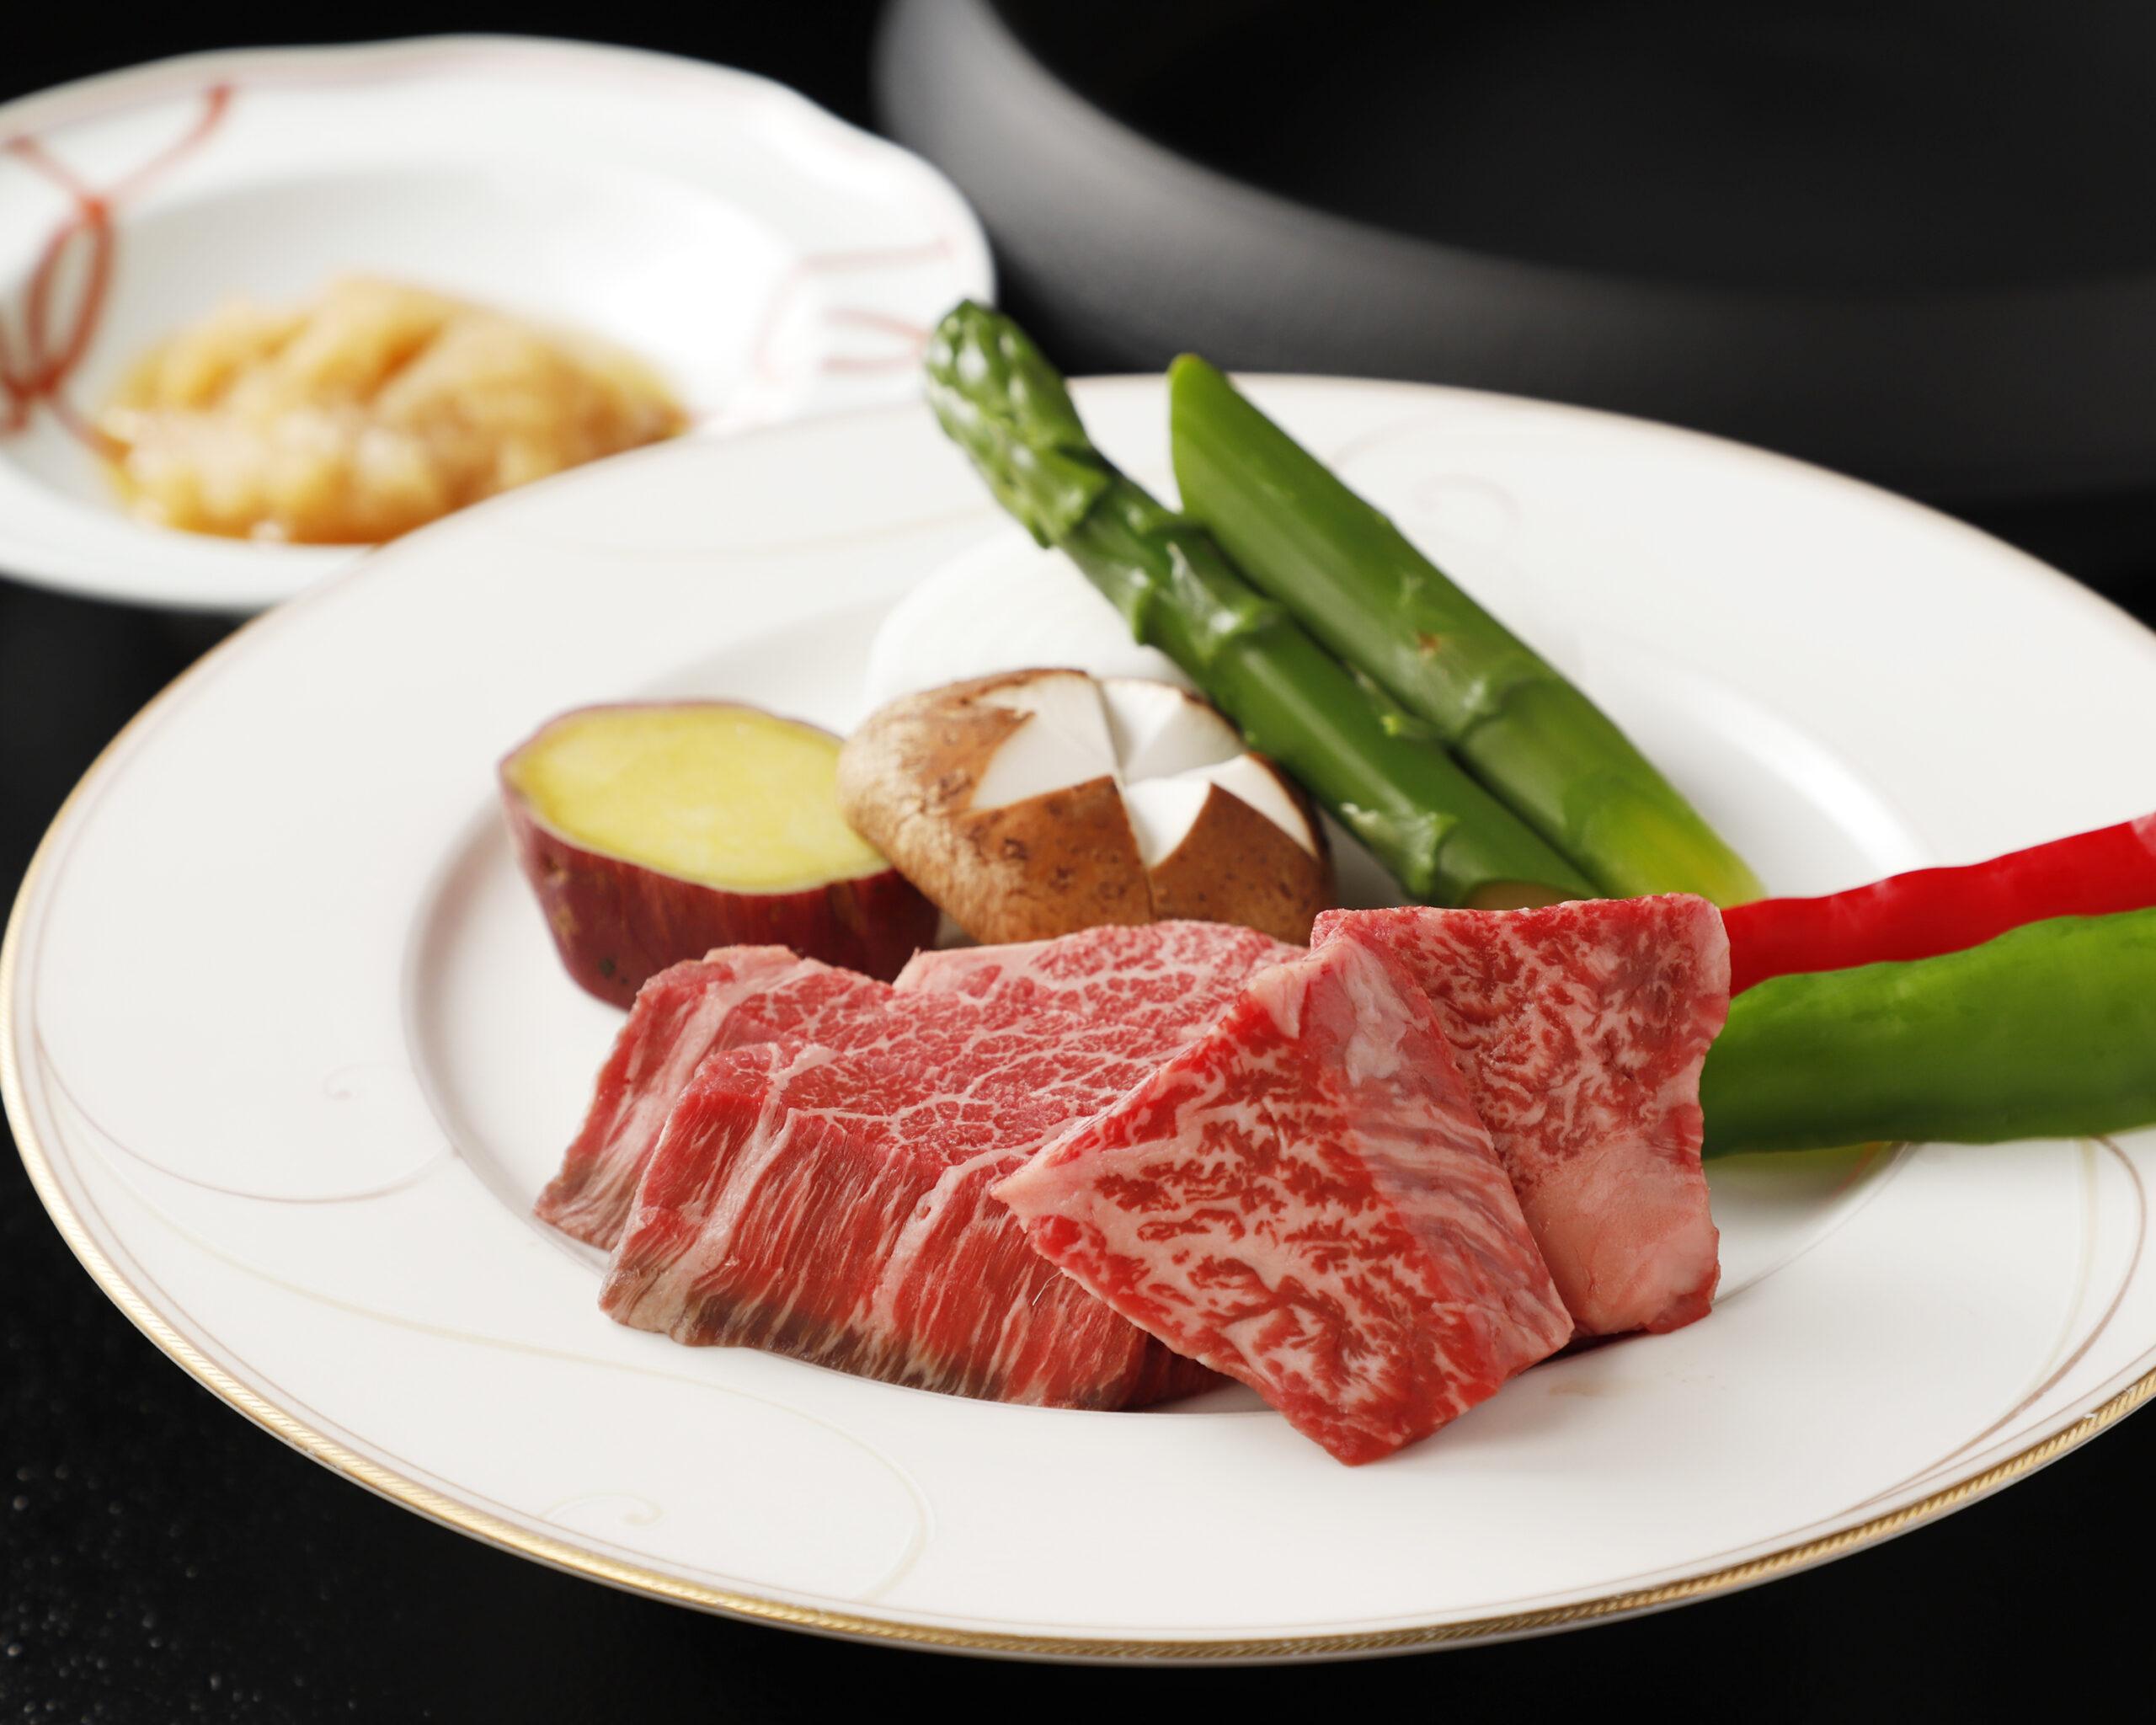 BENNKEIコース【慶】<p>とちぎ和牛匠・近江牛と季節のお料理を楽しむコース メインは、すき焼・しゃぶしゃぶ・オイル焼よりお選びください。 ・前菜 ・お造り ・季節食材とお肉のお料理2品 ・メイン ・お食事 ・有機豆コーヒー ・デザート</p>